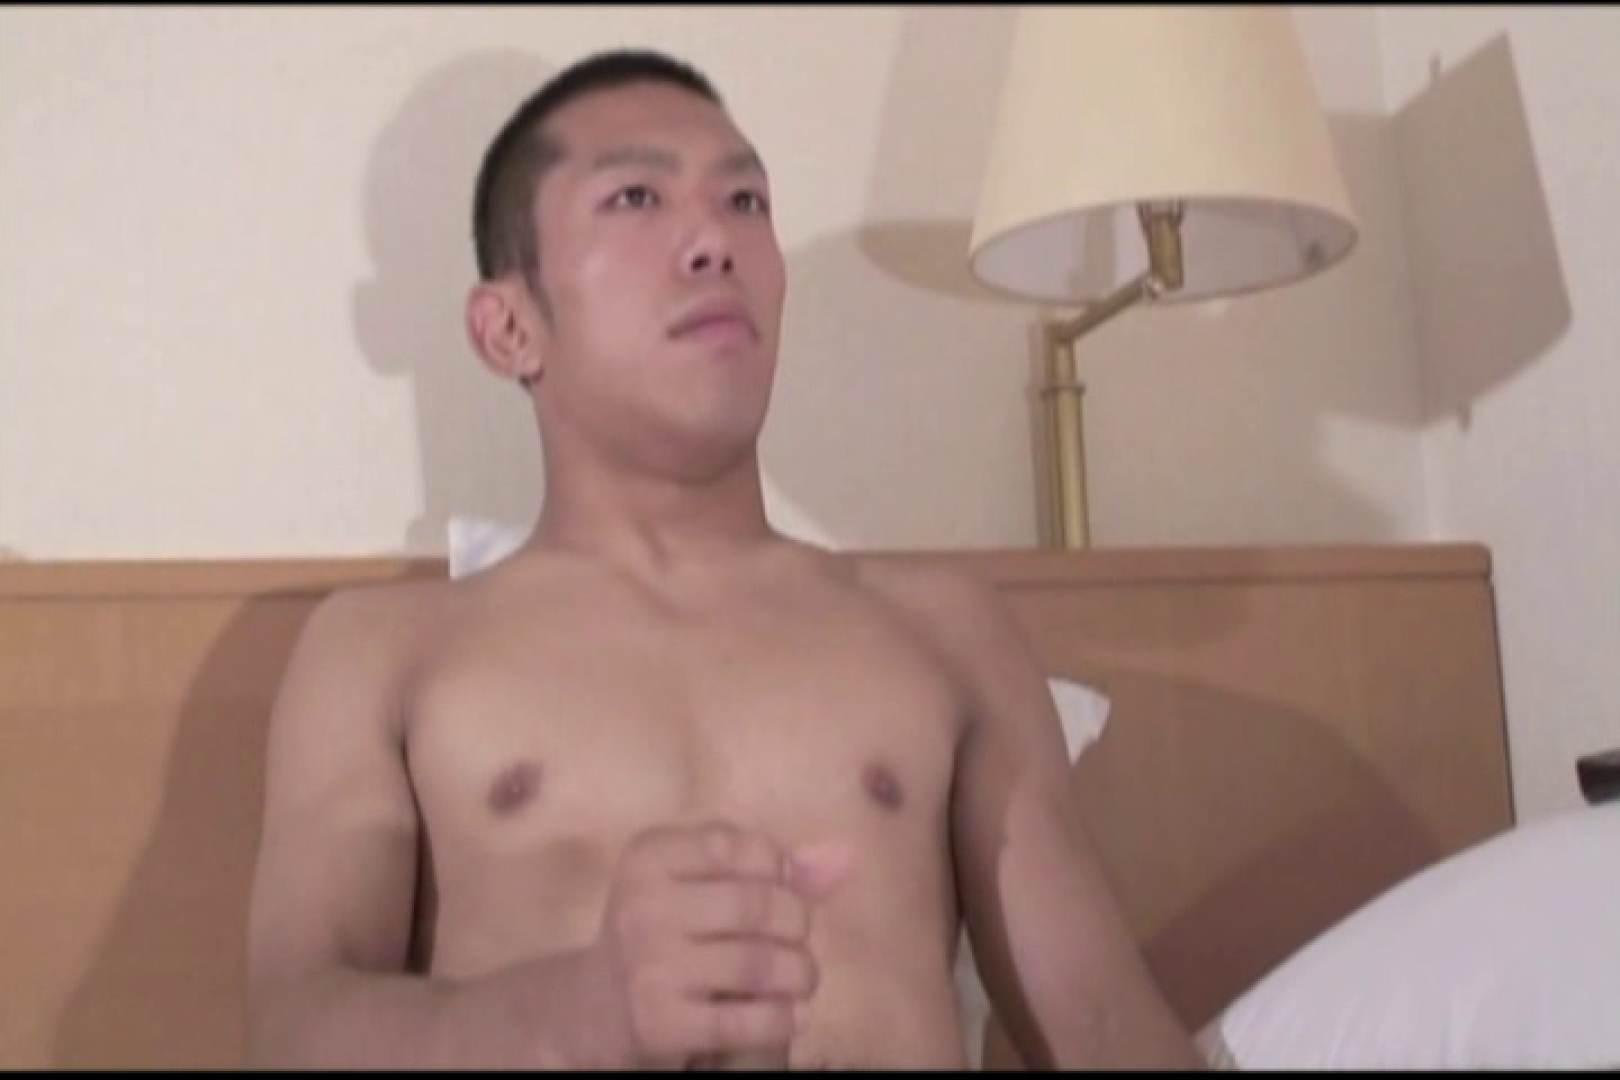 アナPさん投稿!目がパッチリなイケメンサル系男子の昇天劇。 受け ゲイアダルトビデオ画像 66連発 38